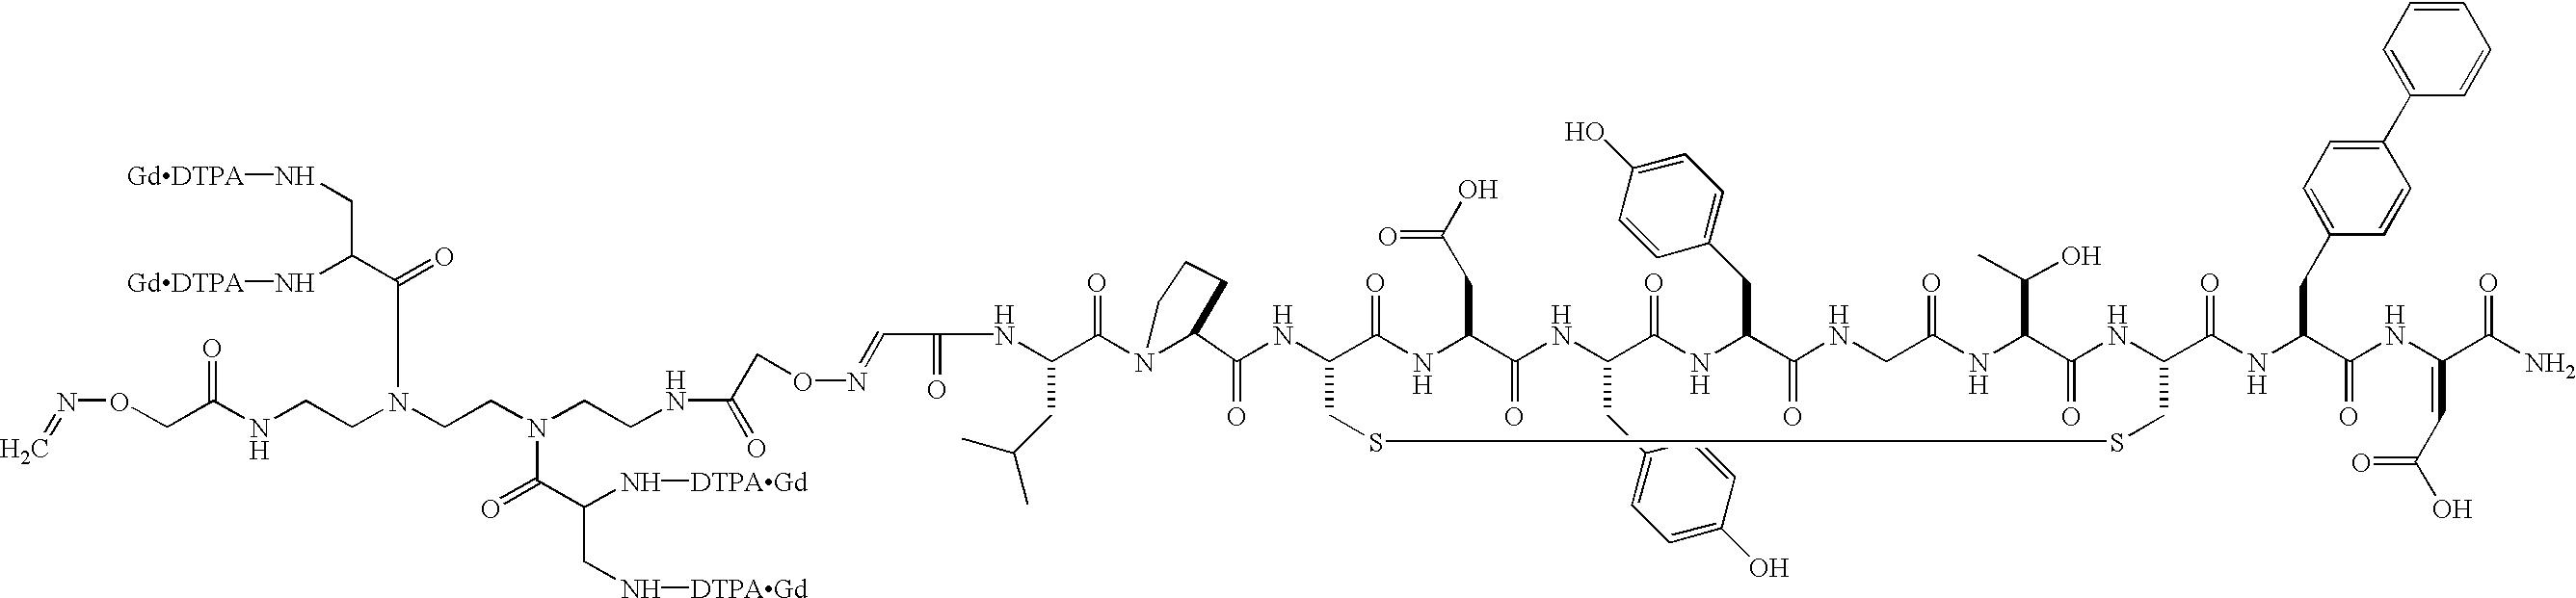 Figure US20030180222A1-20030925-C00134